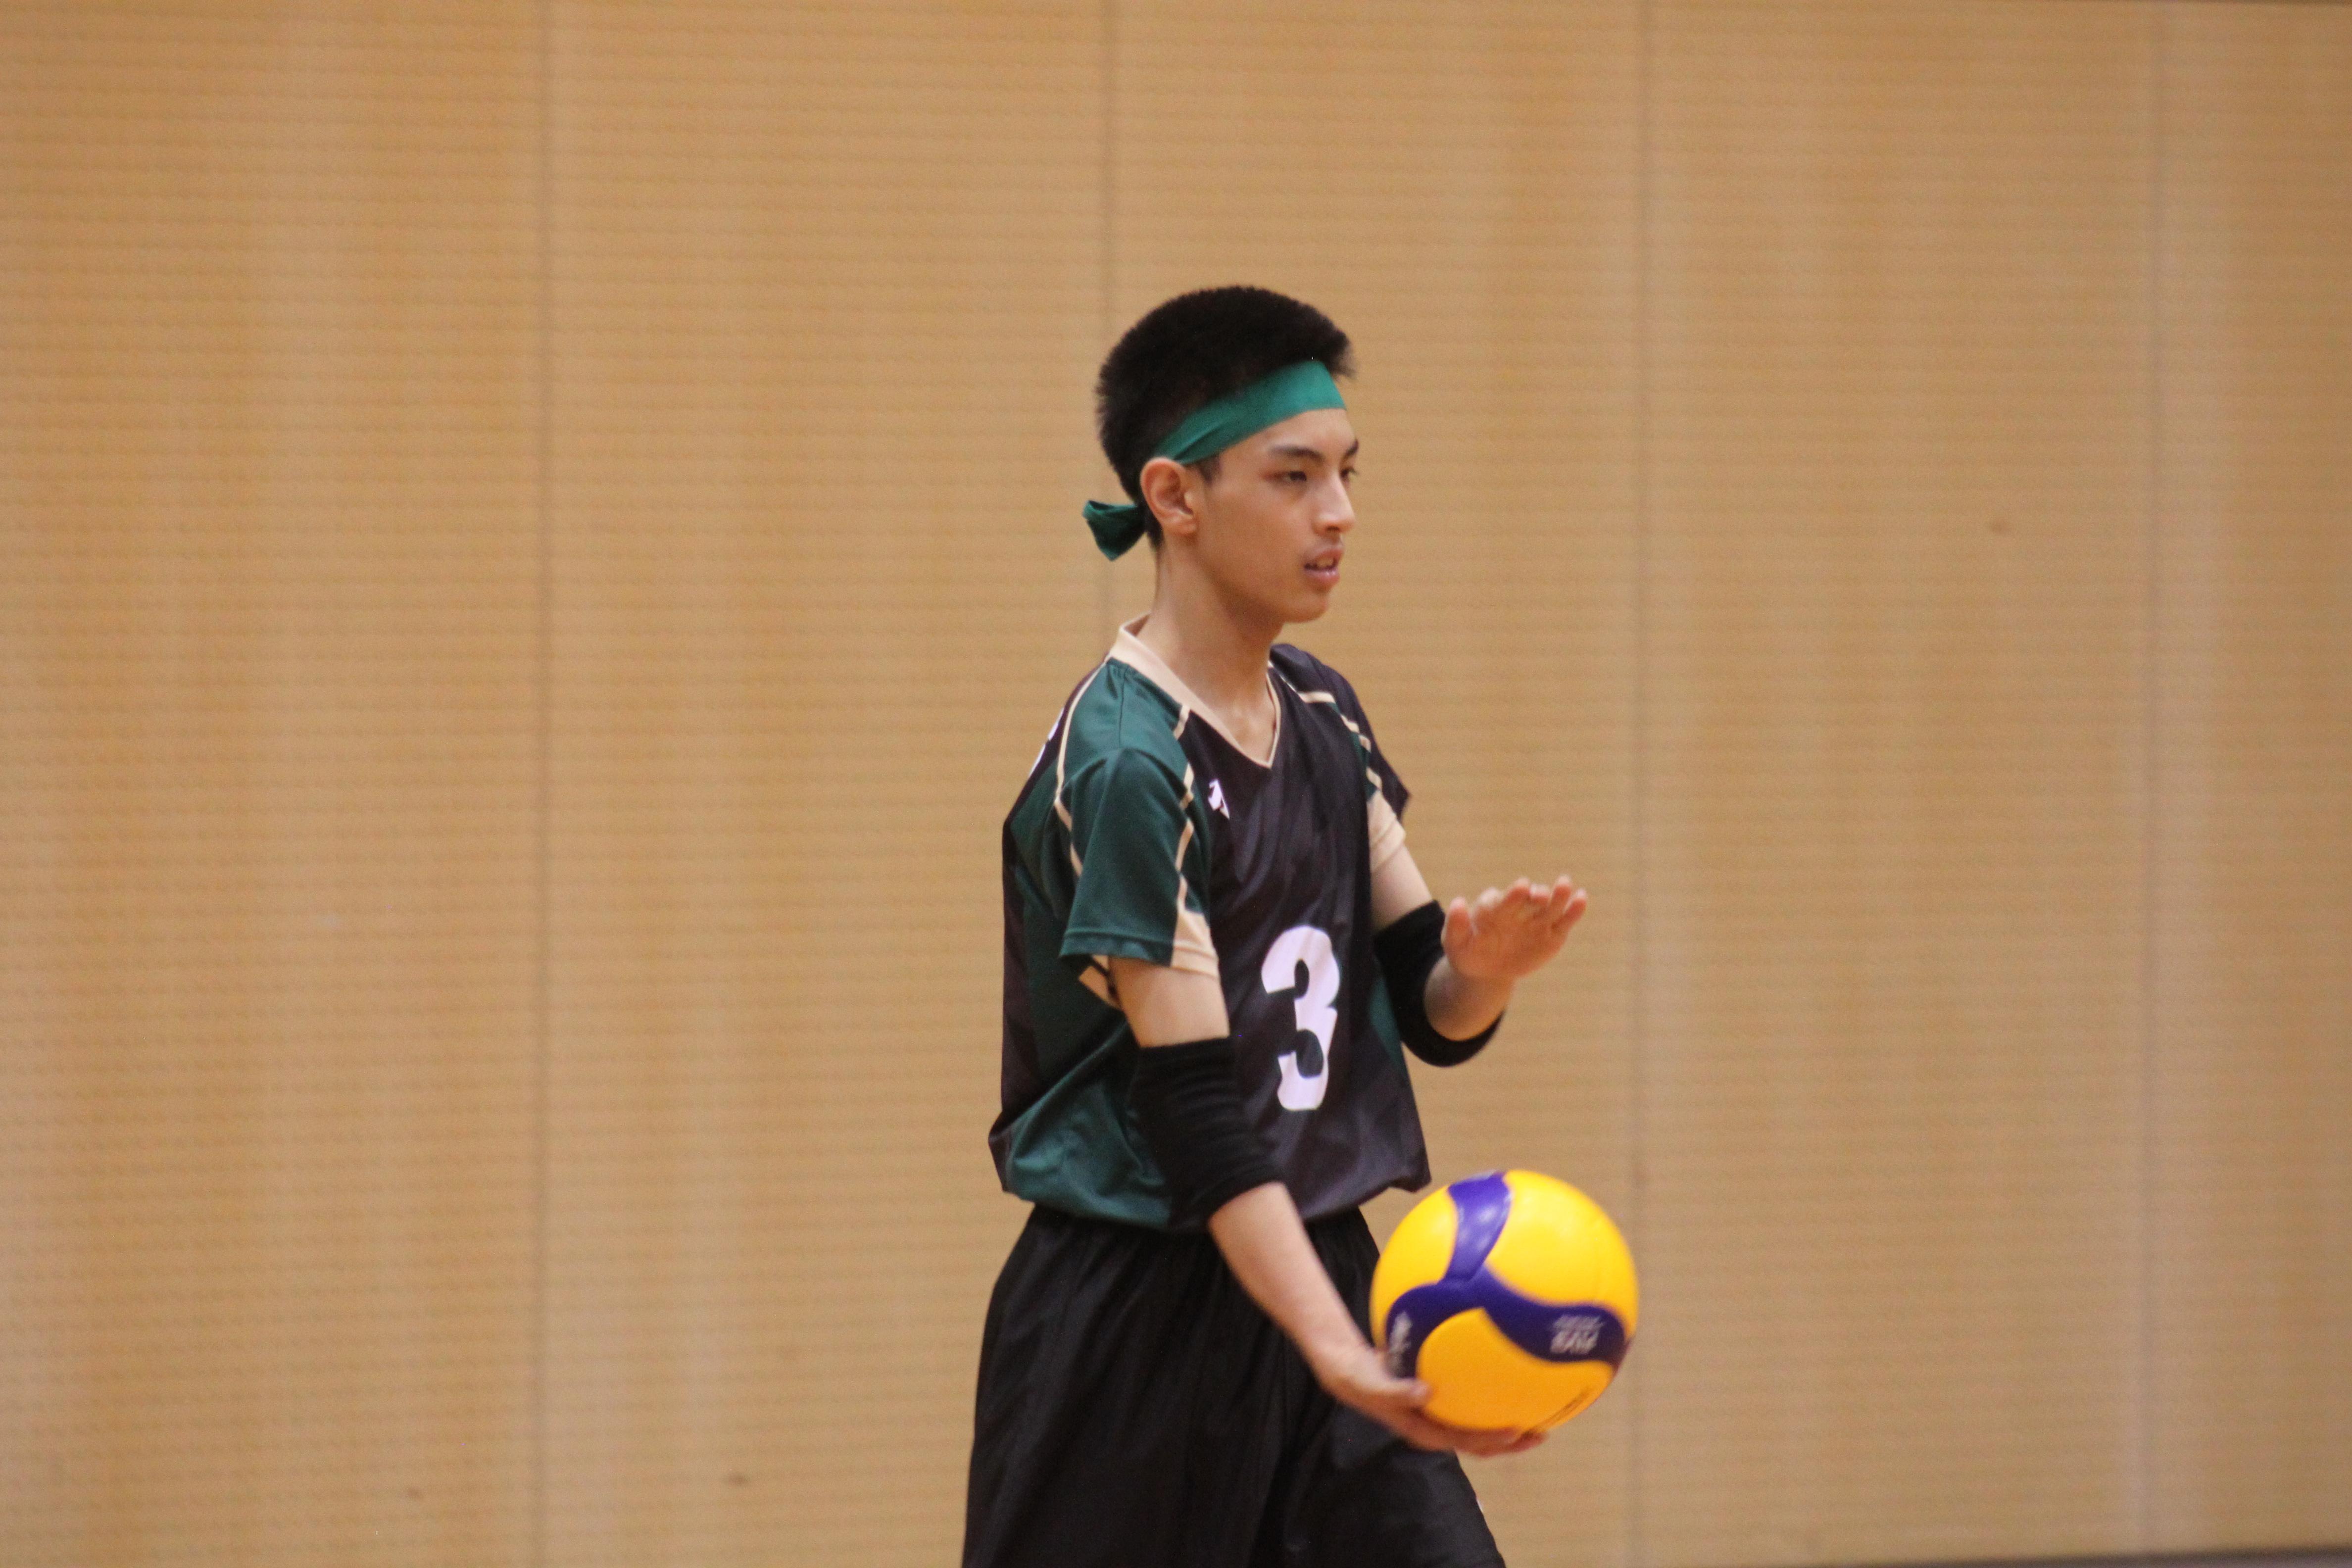 バレーボール (597)